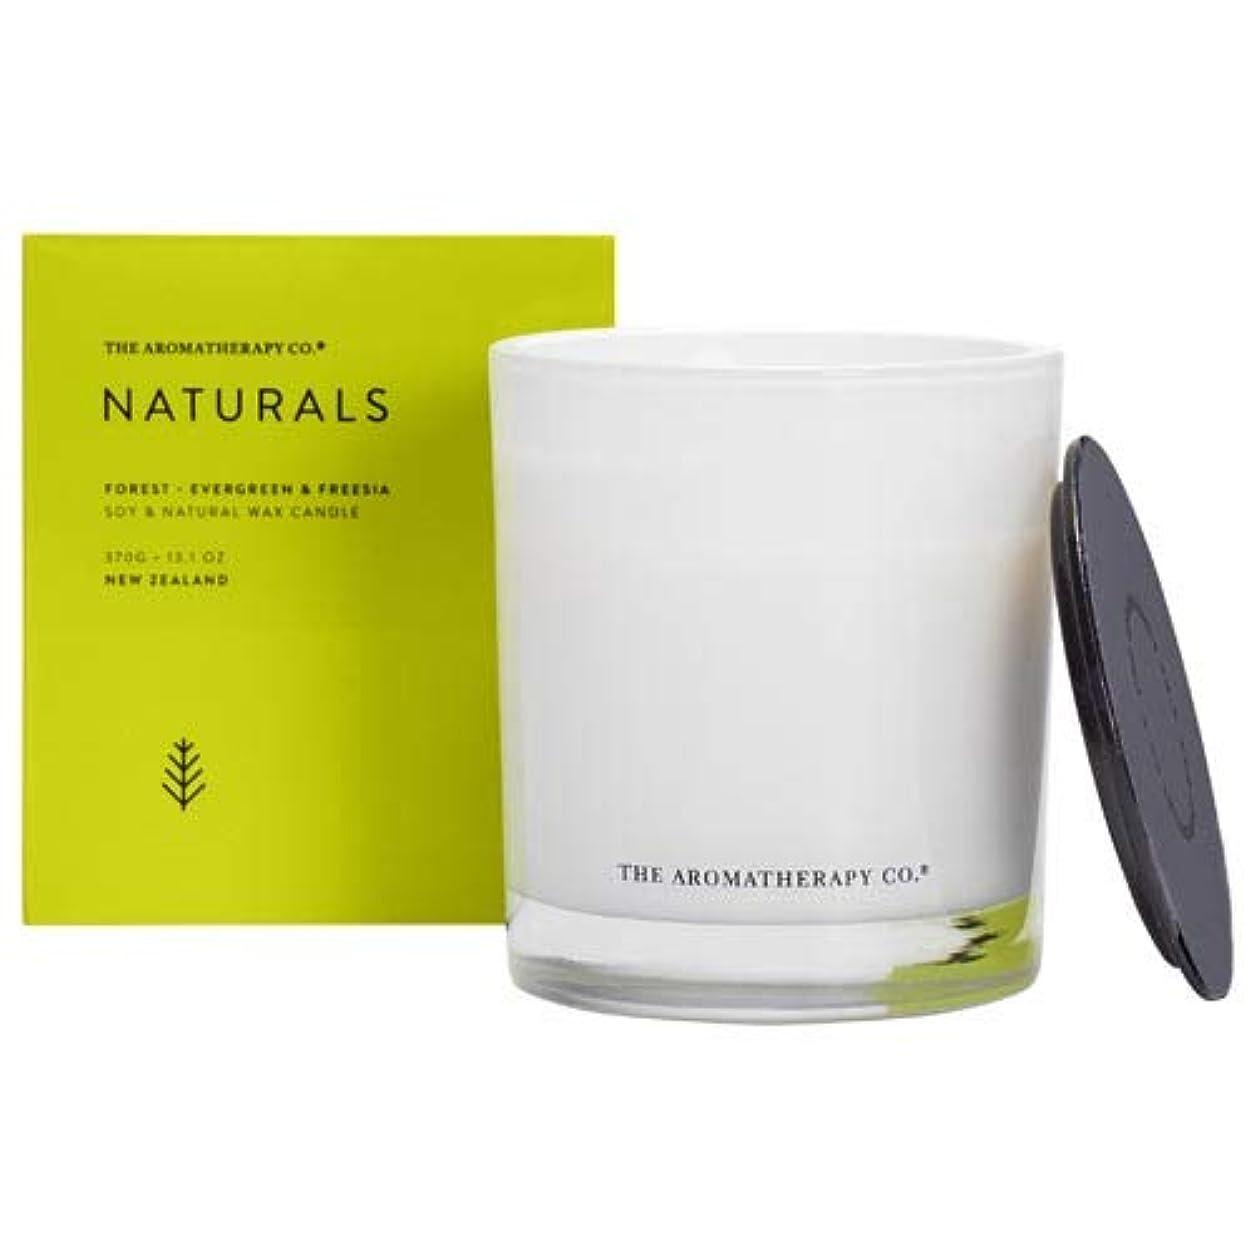 経済的輸送製造アロマセラピーカンパニー(Aromatherapy Company) new NATURALS ナチュラルズ Candle キャンドル Forest フォレスト(森林) Evergreen & Freesia エバーグリーン&フリージア